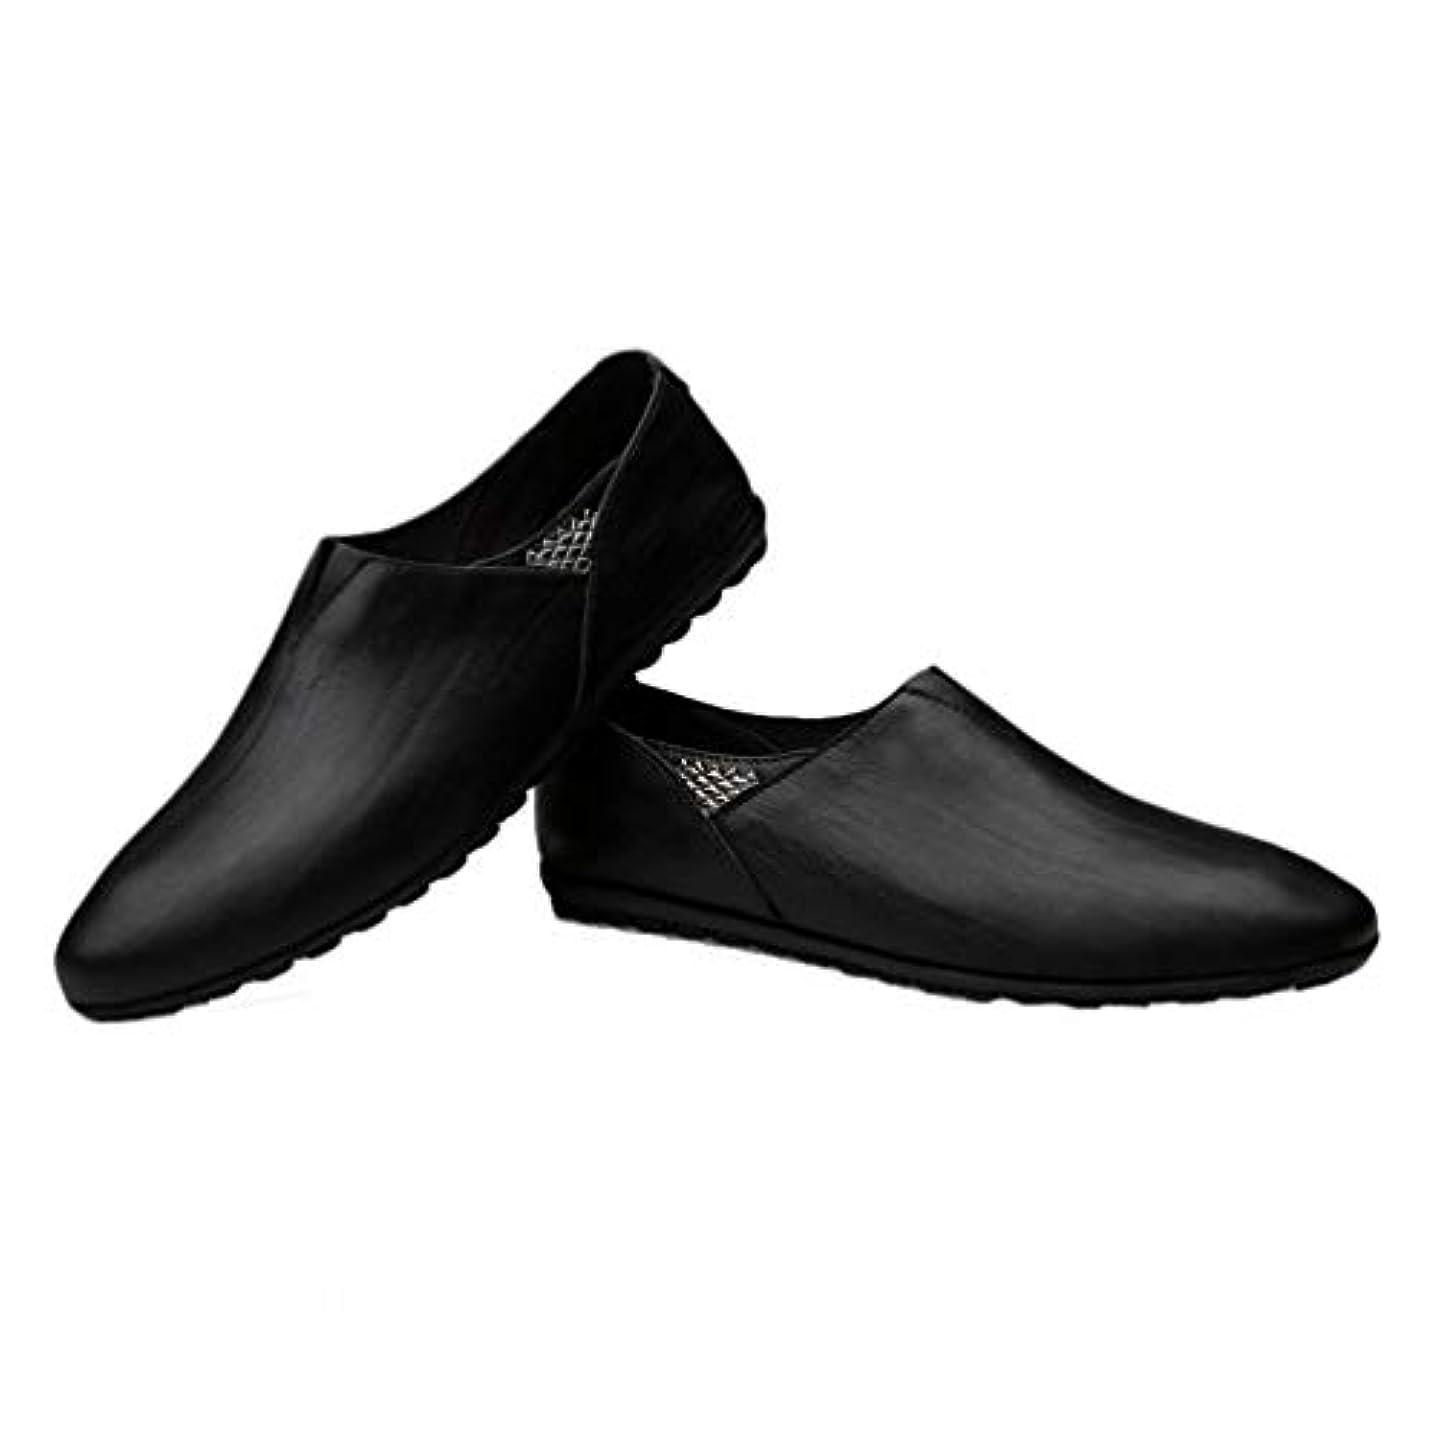 部分的に勇敢な厳メンズシューズ ドライビングシューズ ラウンドトゥ 痛くない レザー 快適 紳士靴 カジュアル フラットシューズ 柔軟性 ビジネス 通勤用 滑り止め シンプル かっこいい 革靴 ウオーキング 幅広 大人顔 3色 23.5...